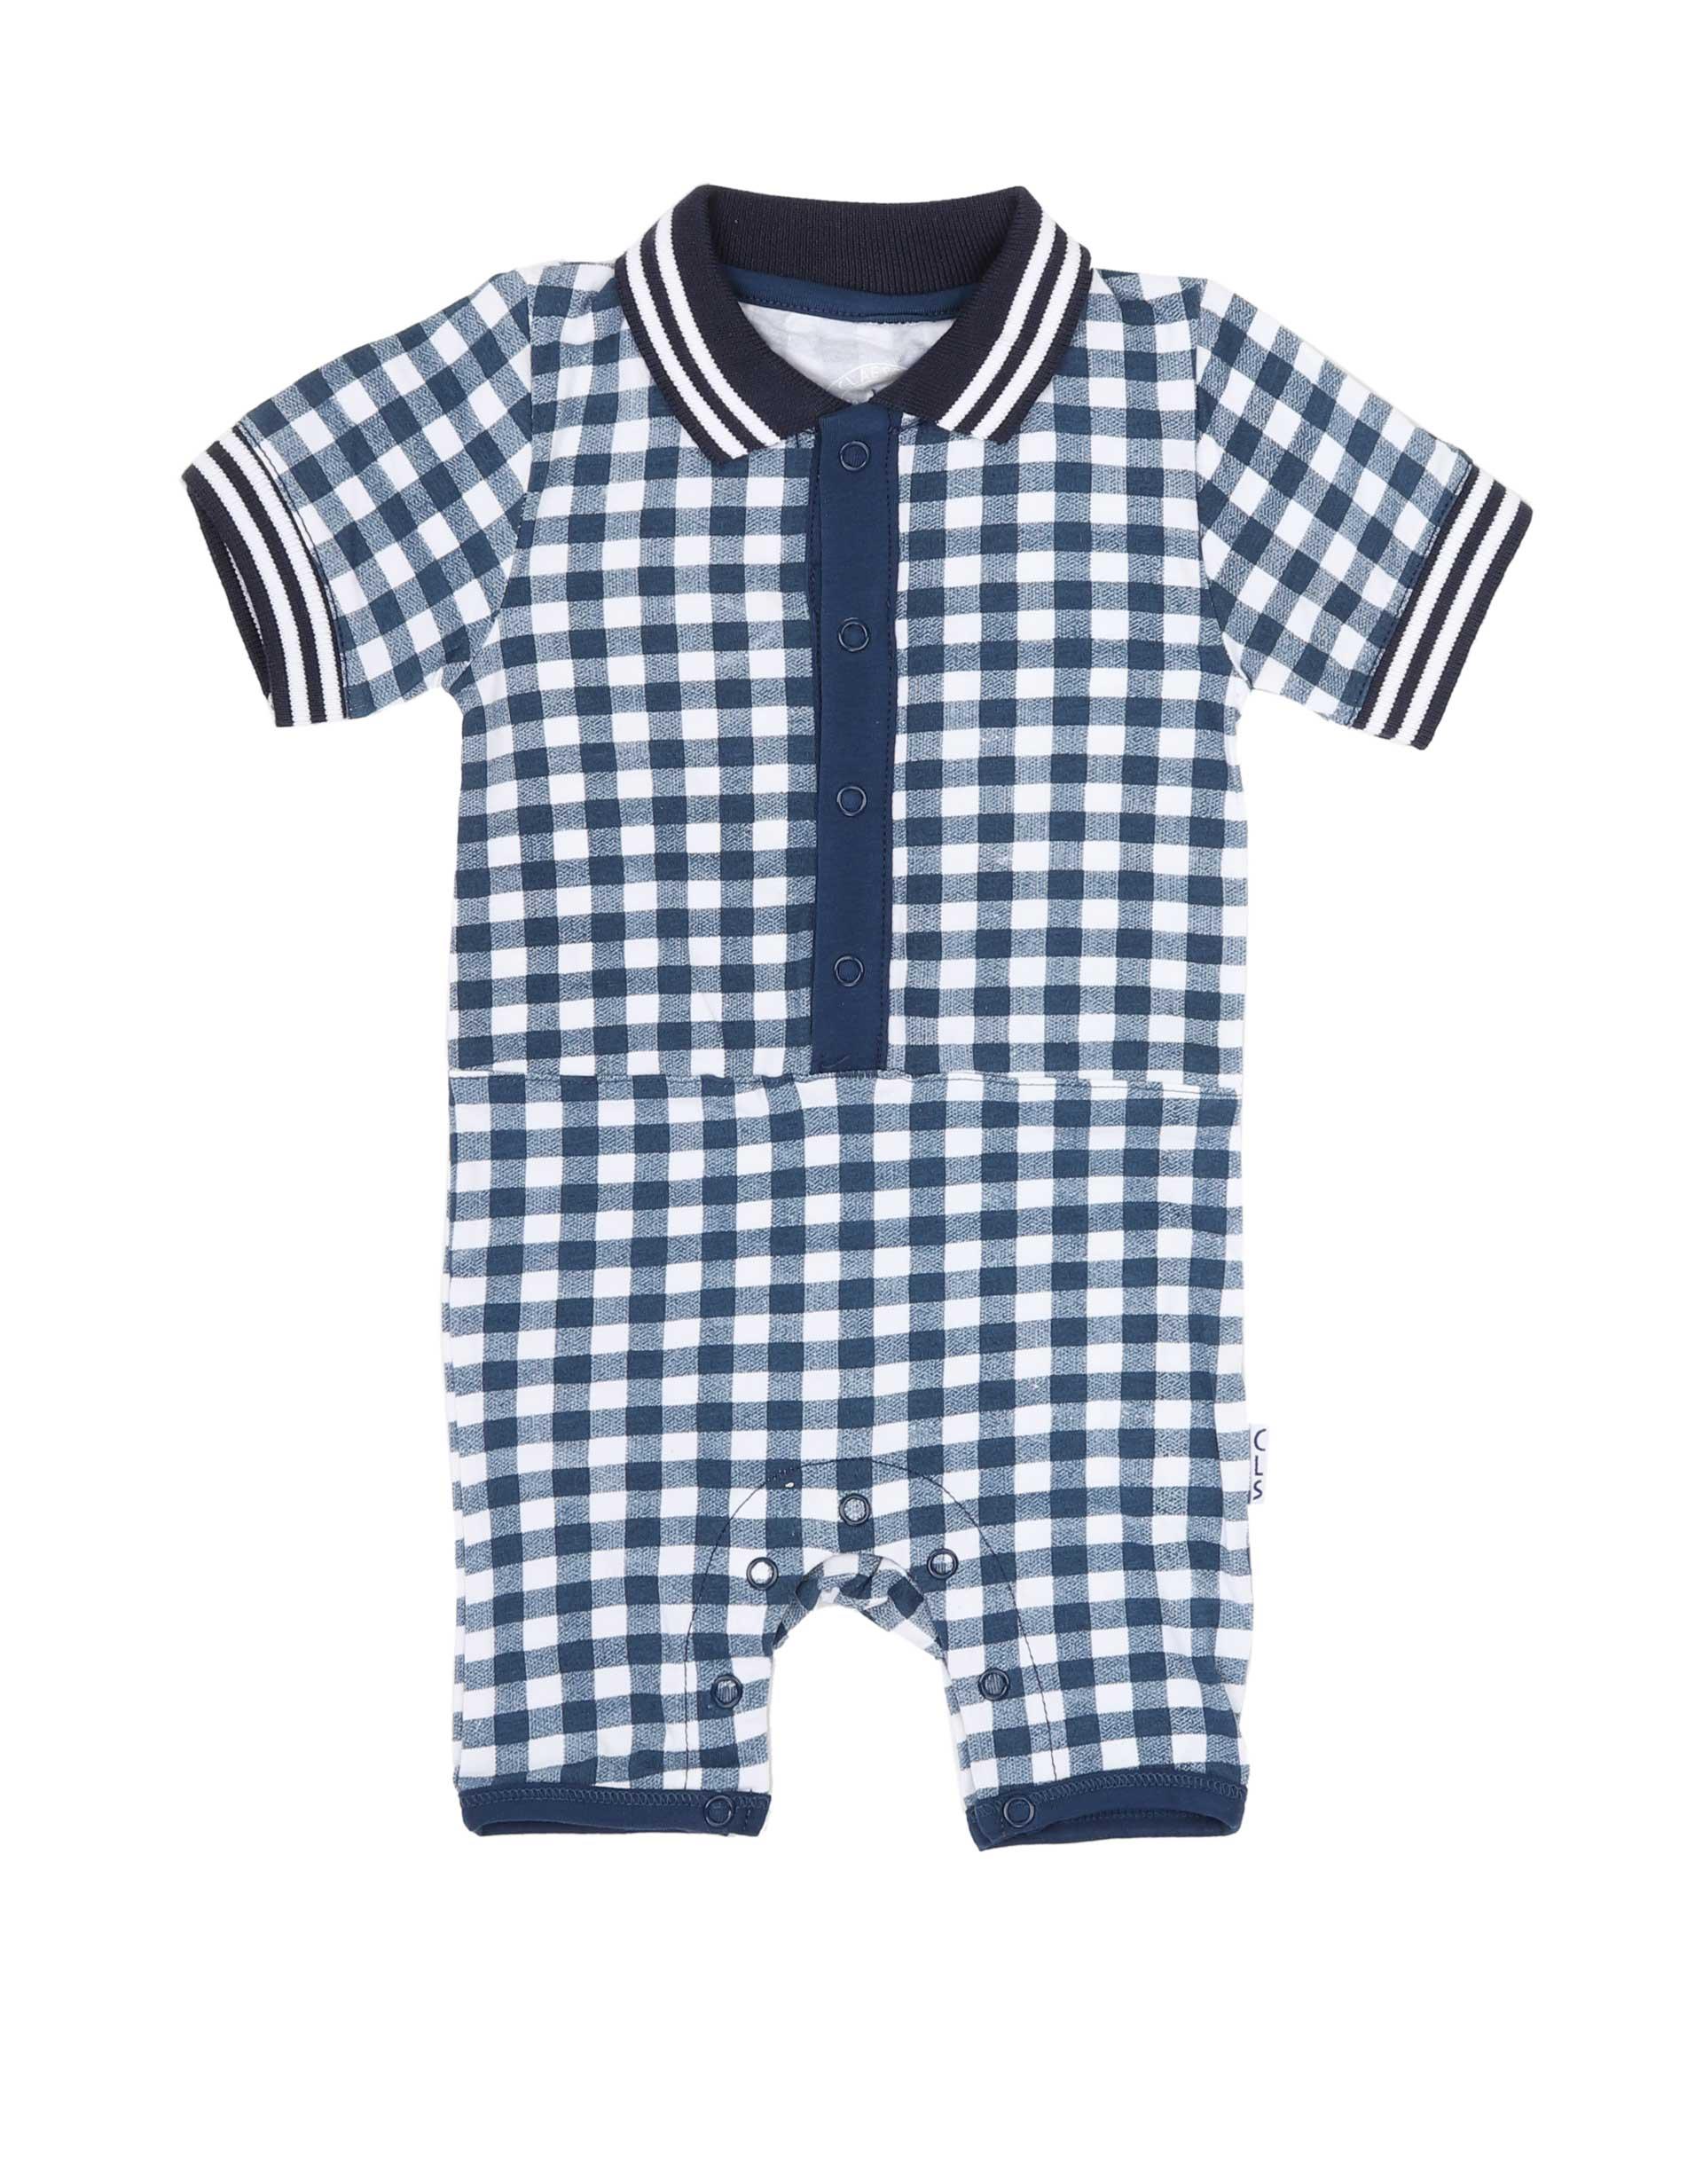 Babypak Navy Checks